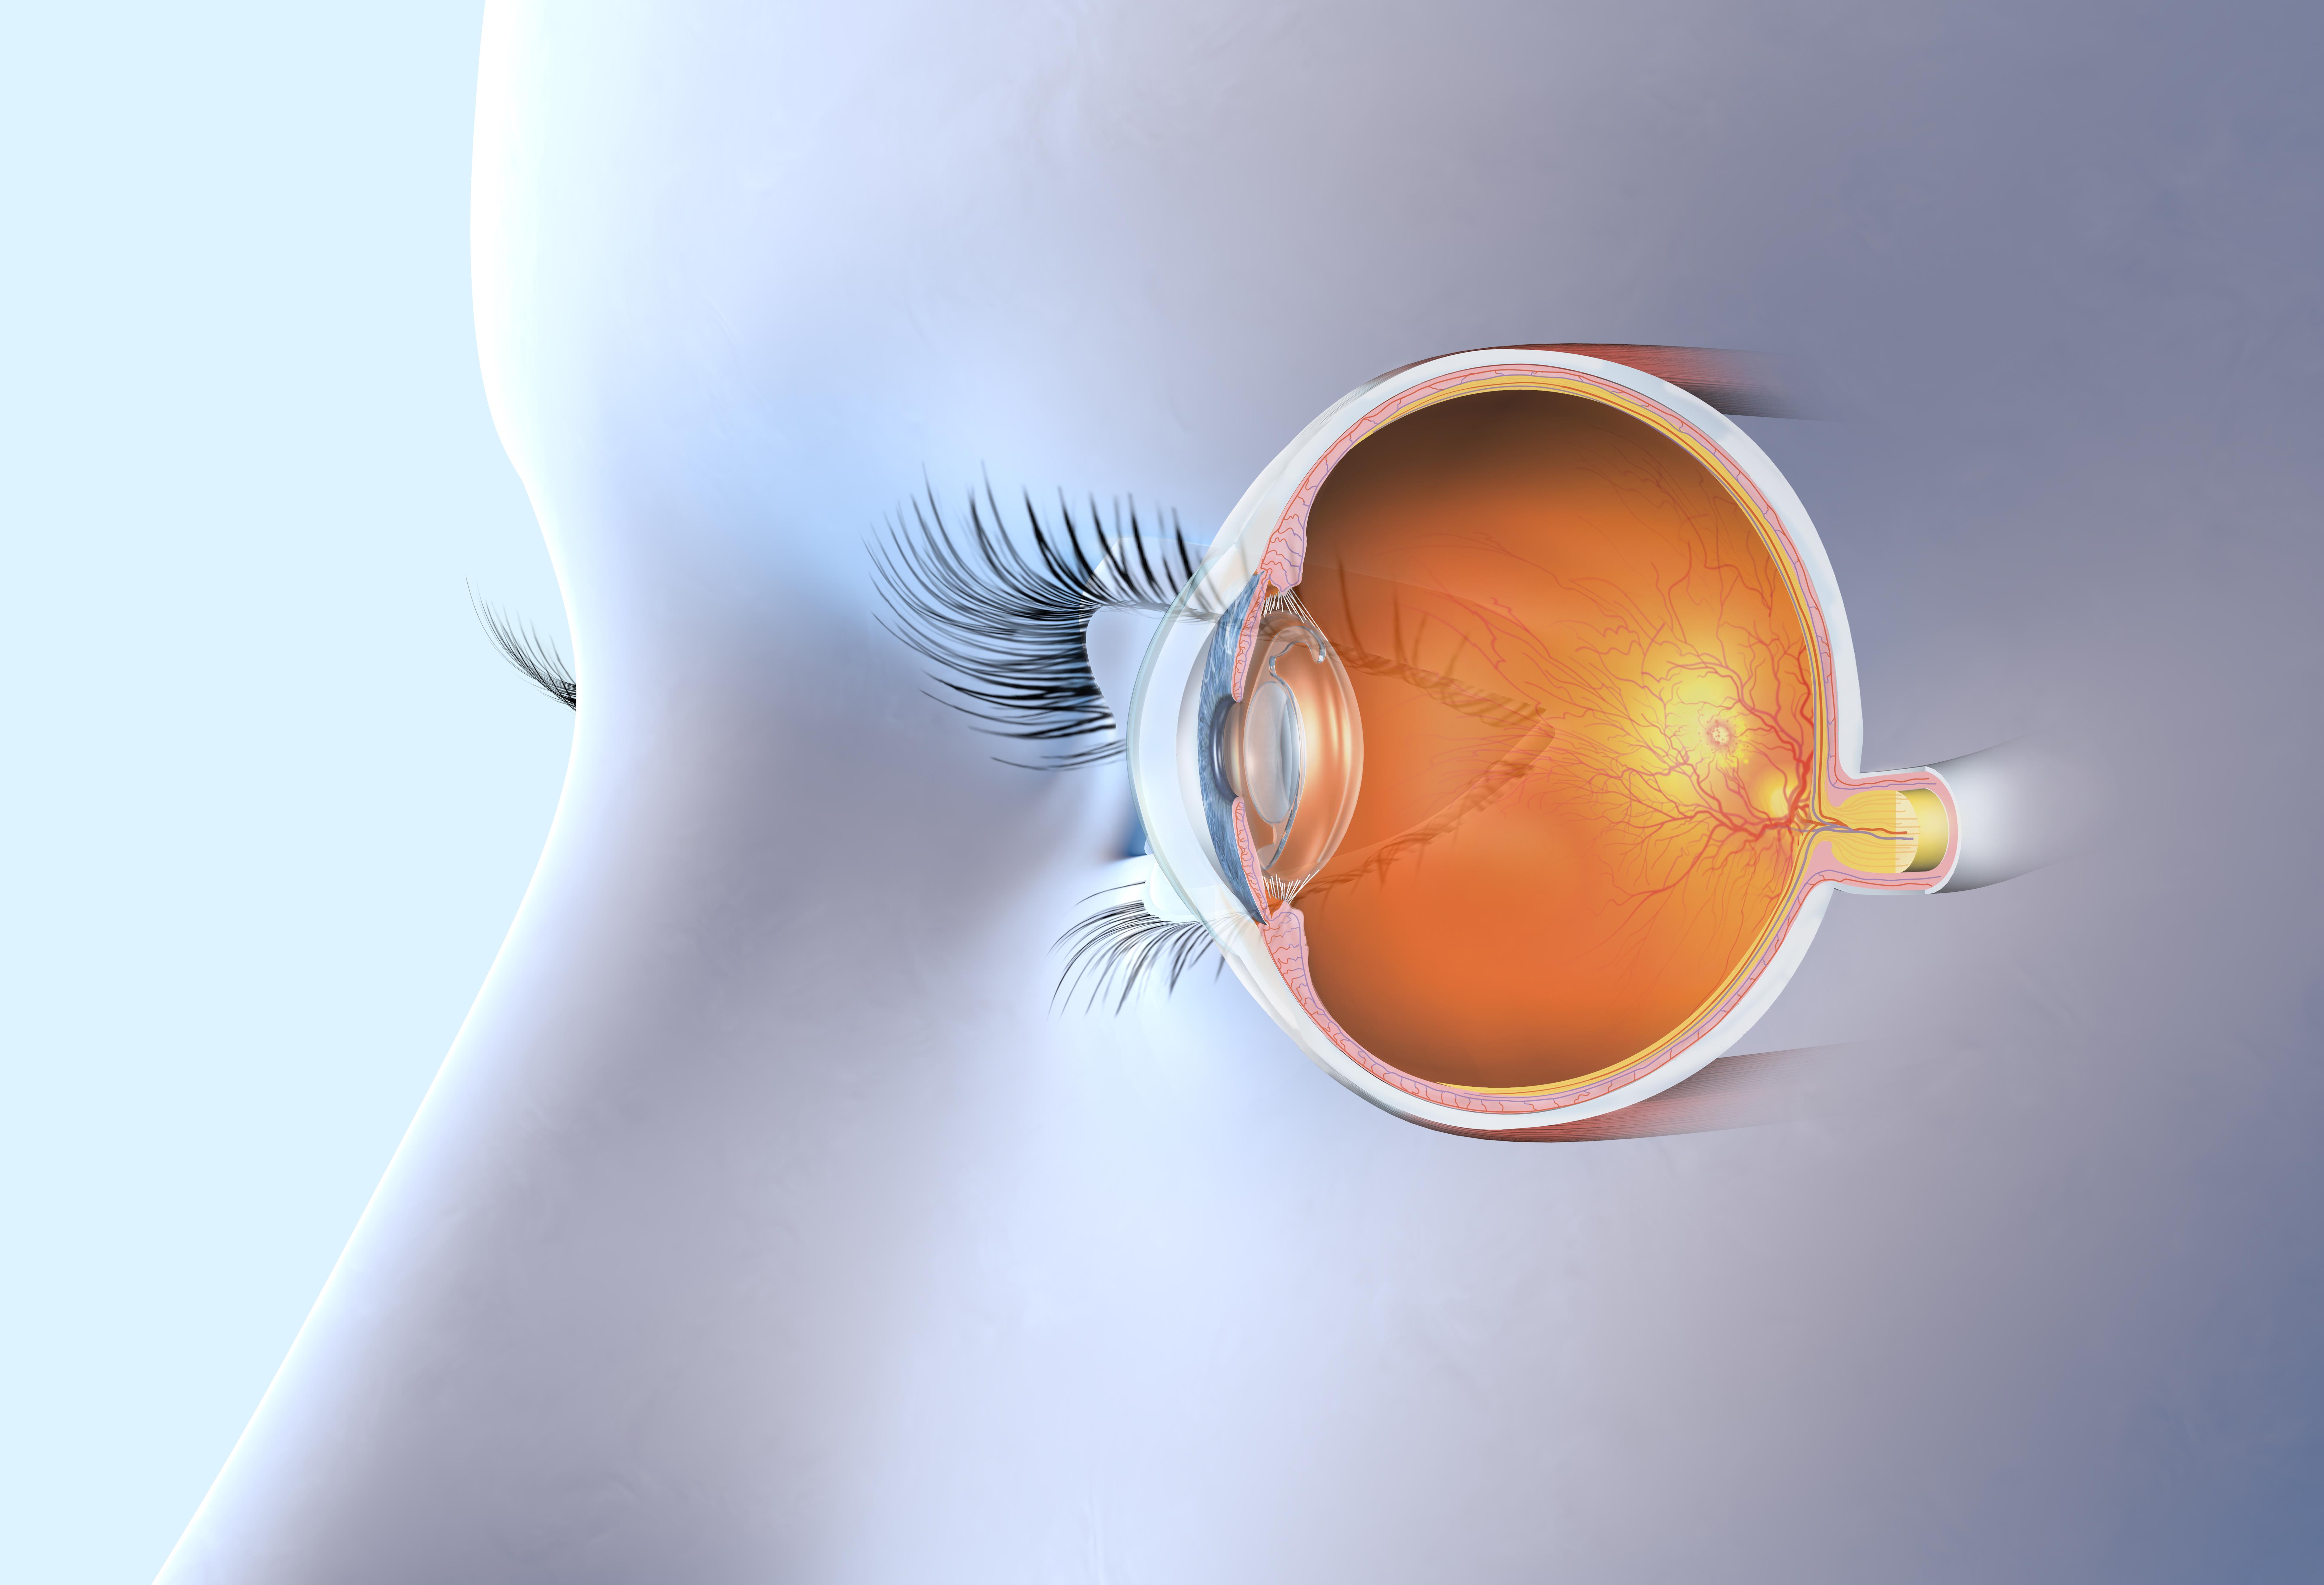 Glaskroppen sitter fast i ögats näthinna och består till ca 98-99 procent av vatten.